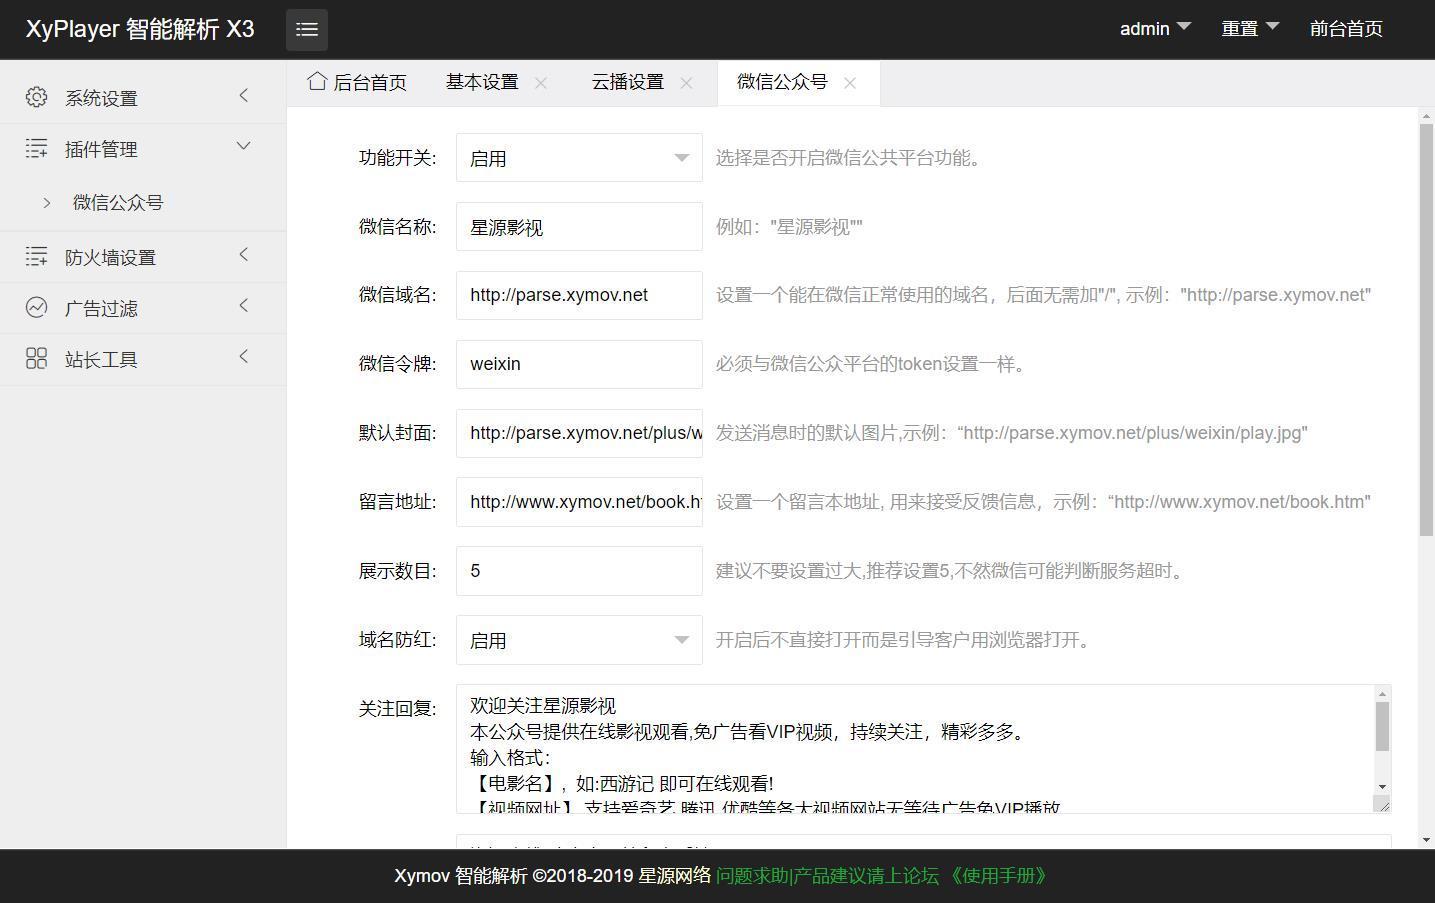 影视解析Xyplayer 3.96正式版